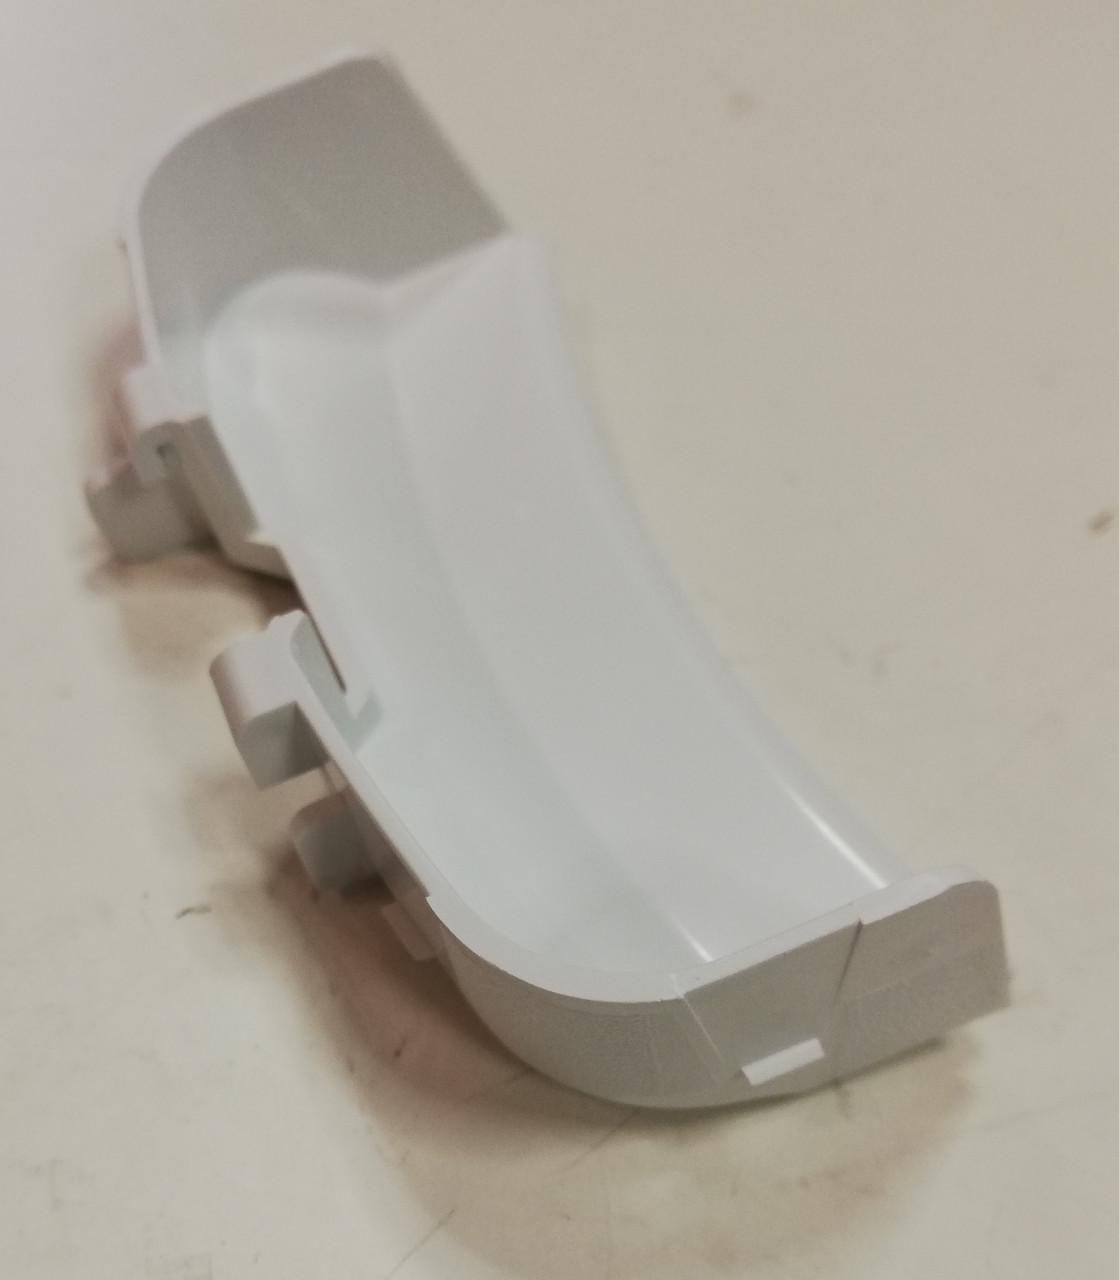 Накладка ручки Samsung DC63-00924A для стиральной машины